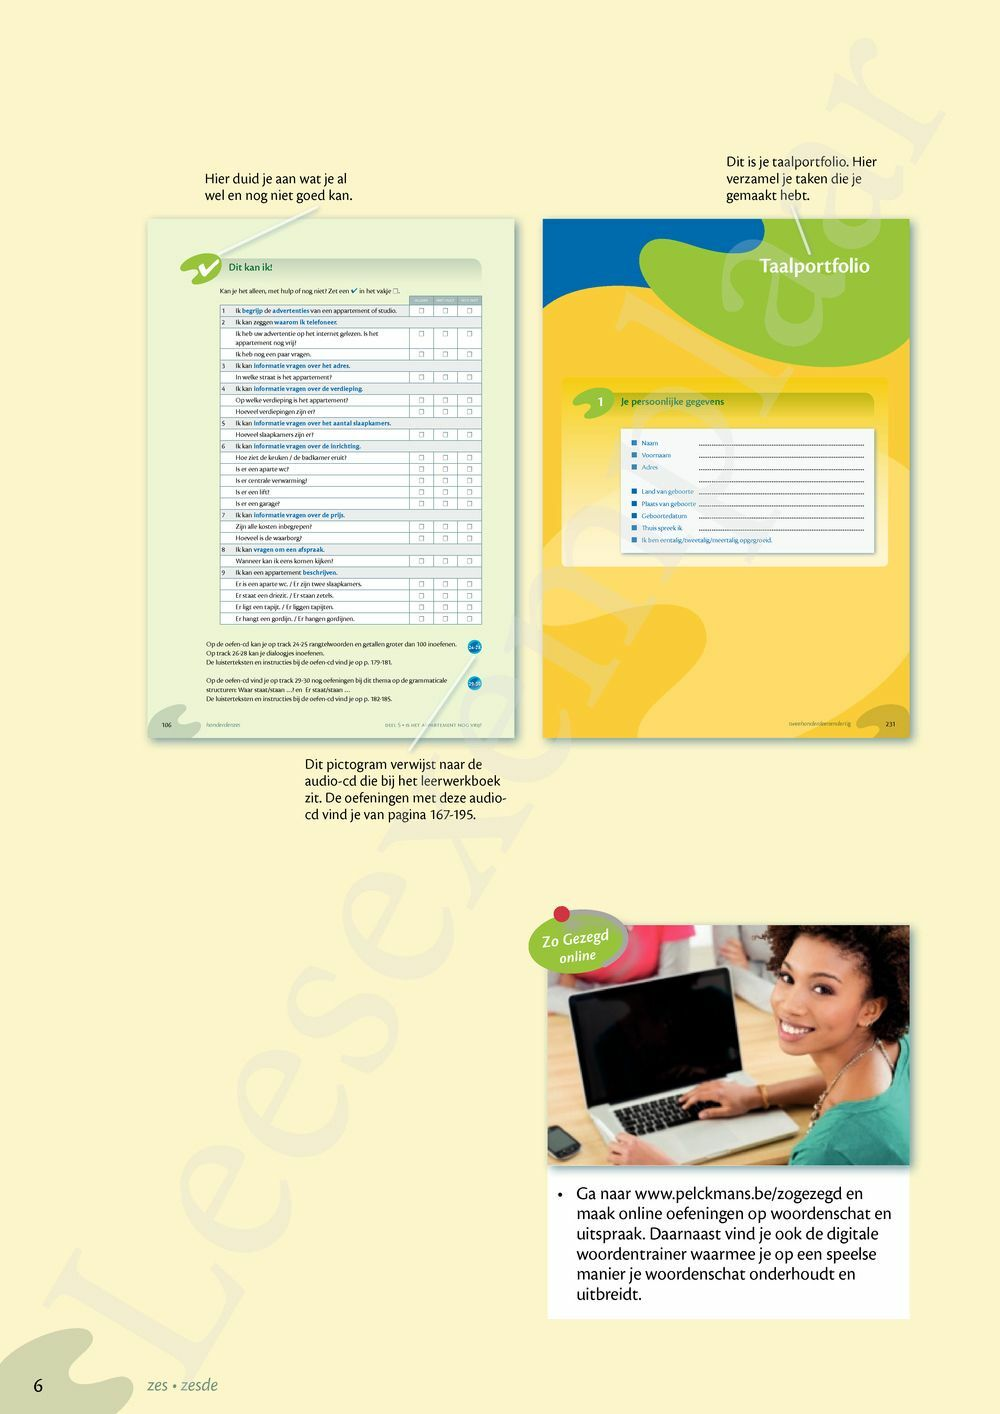 Preview: Zo gezegd 1.2 Waystage mondeling leerwerkboek incl audio-cd voor de cursist